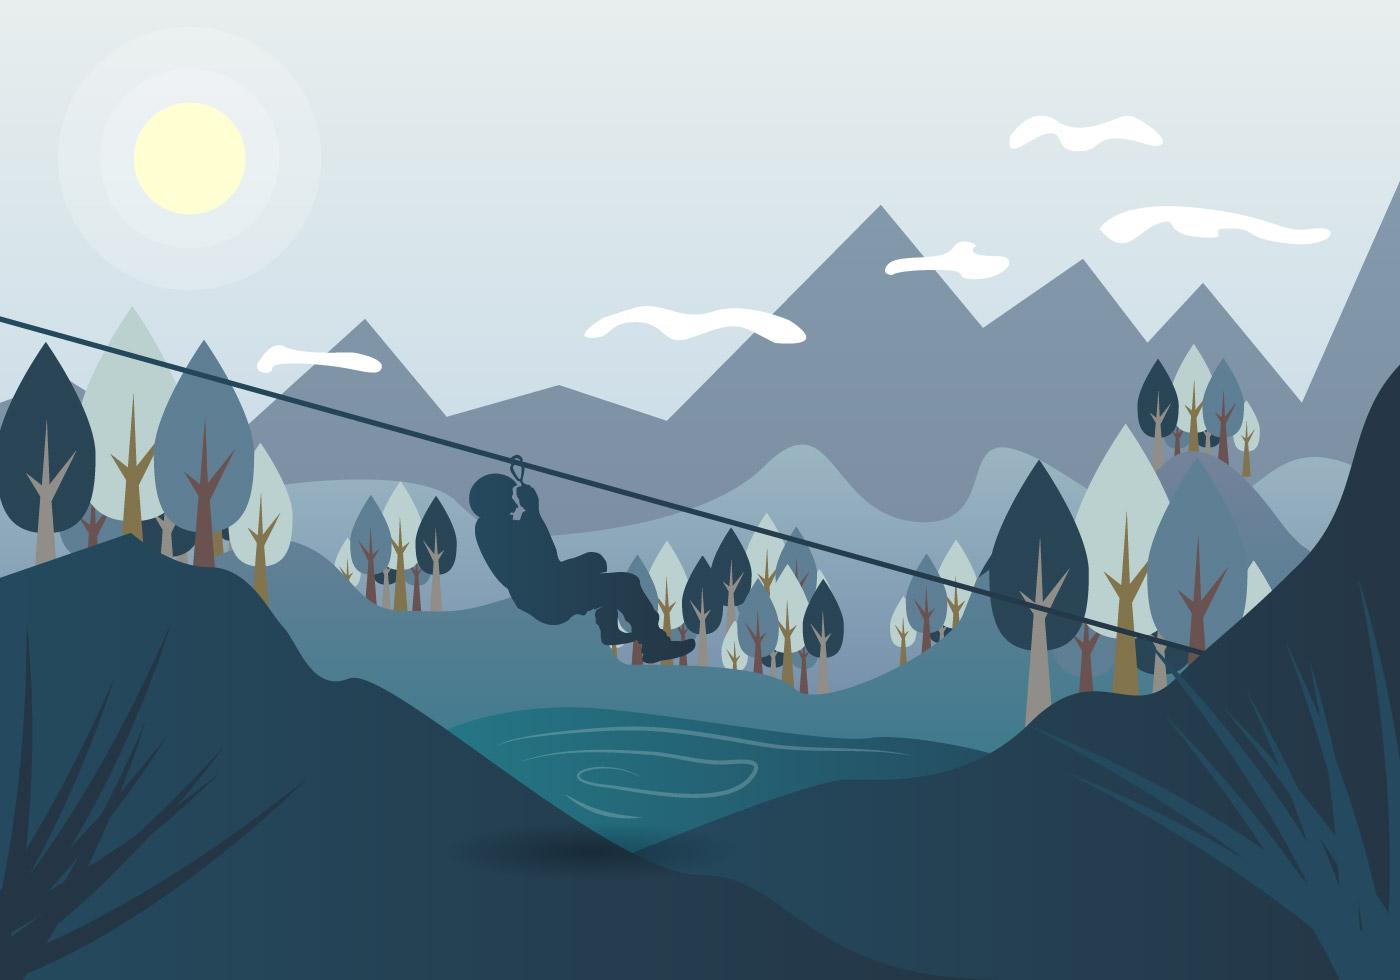 Zip Line Harness >> Zipline Landscape Vector Illustration - Download Free Vector Art, Stock Graphics & Images